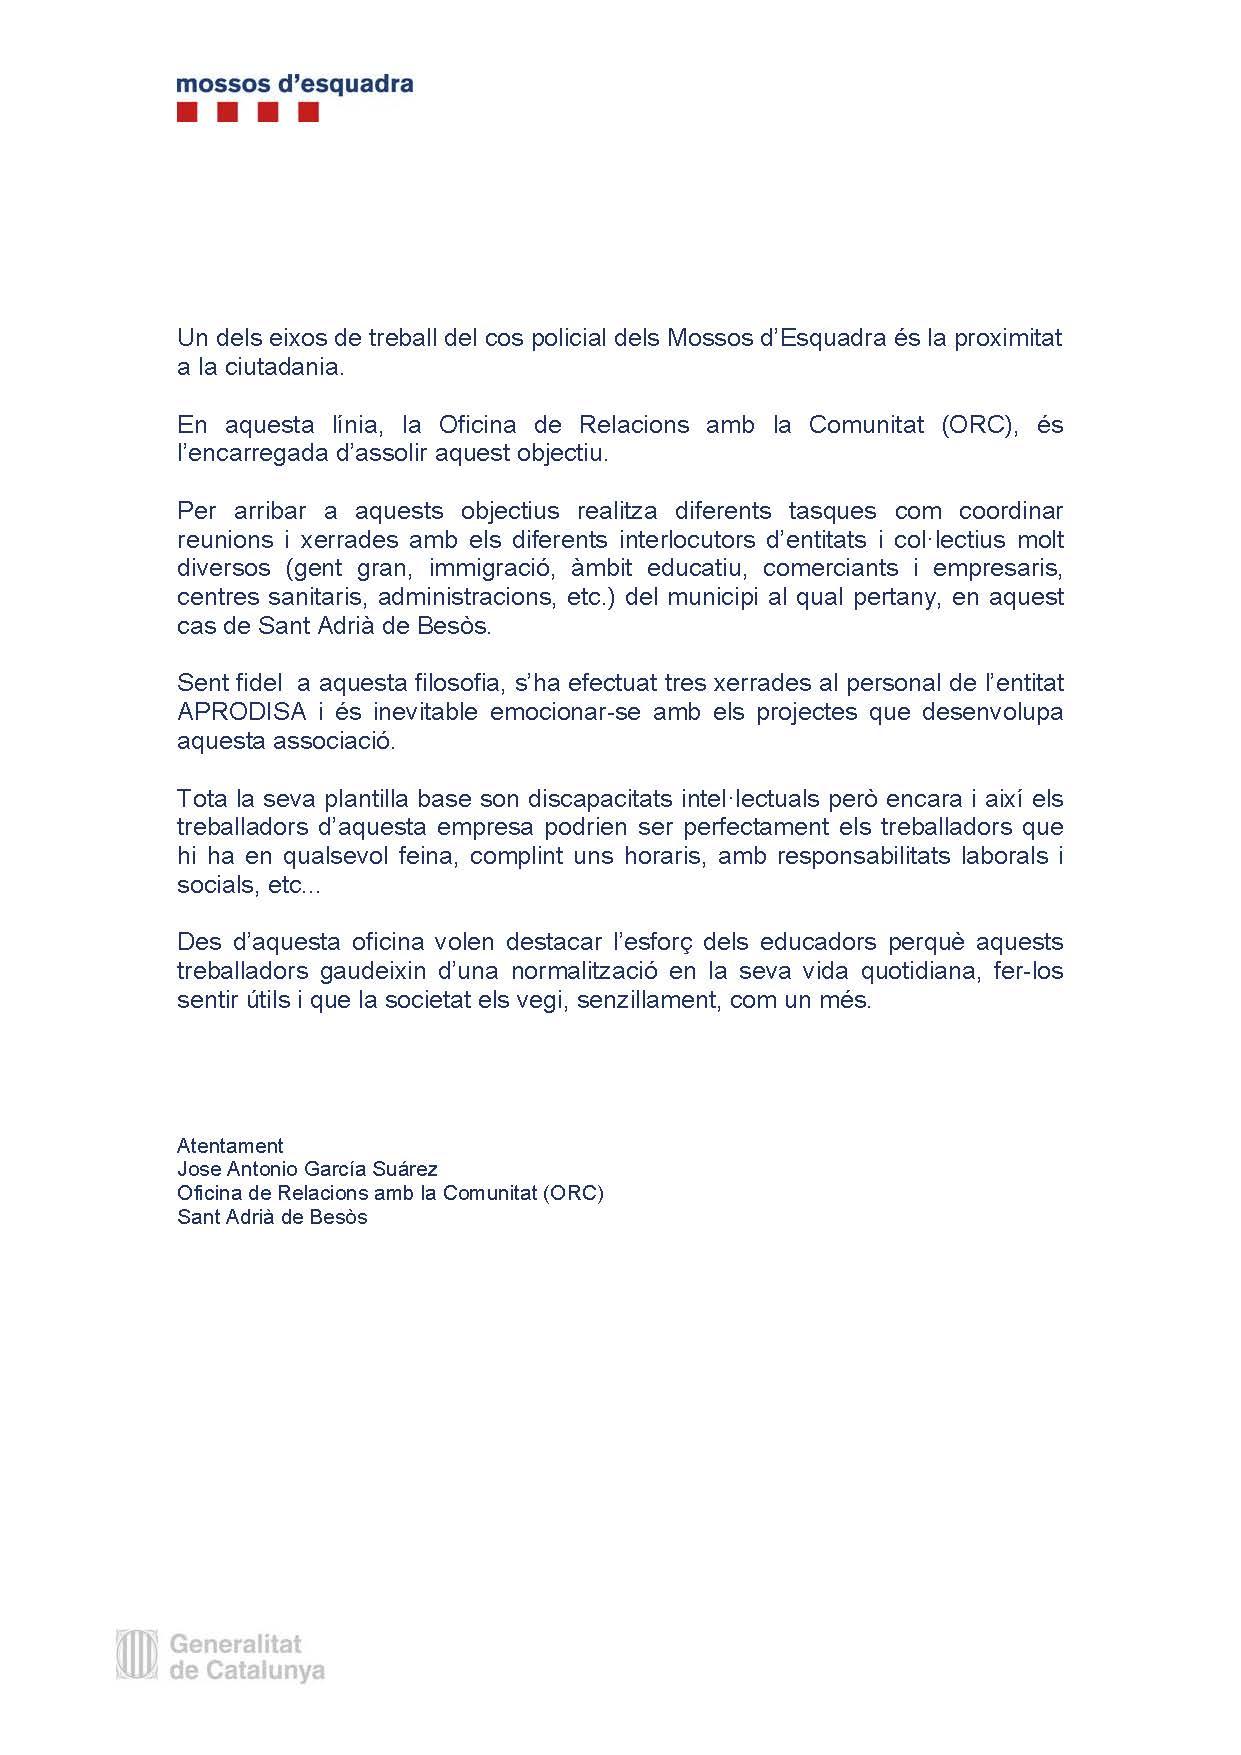 Carta a Aprodisa dels Mossos d' Esquadra